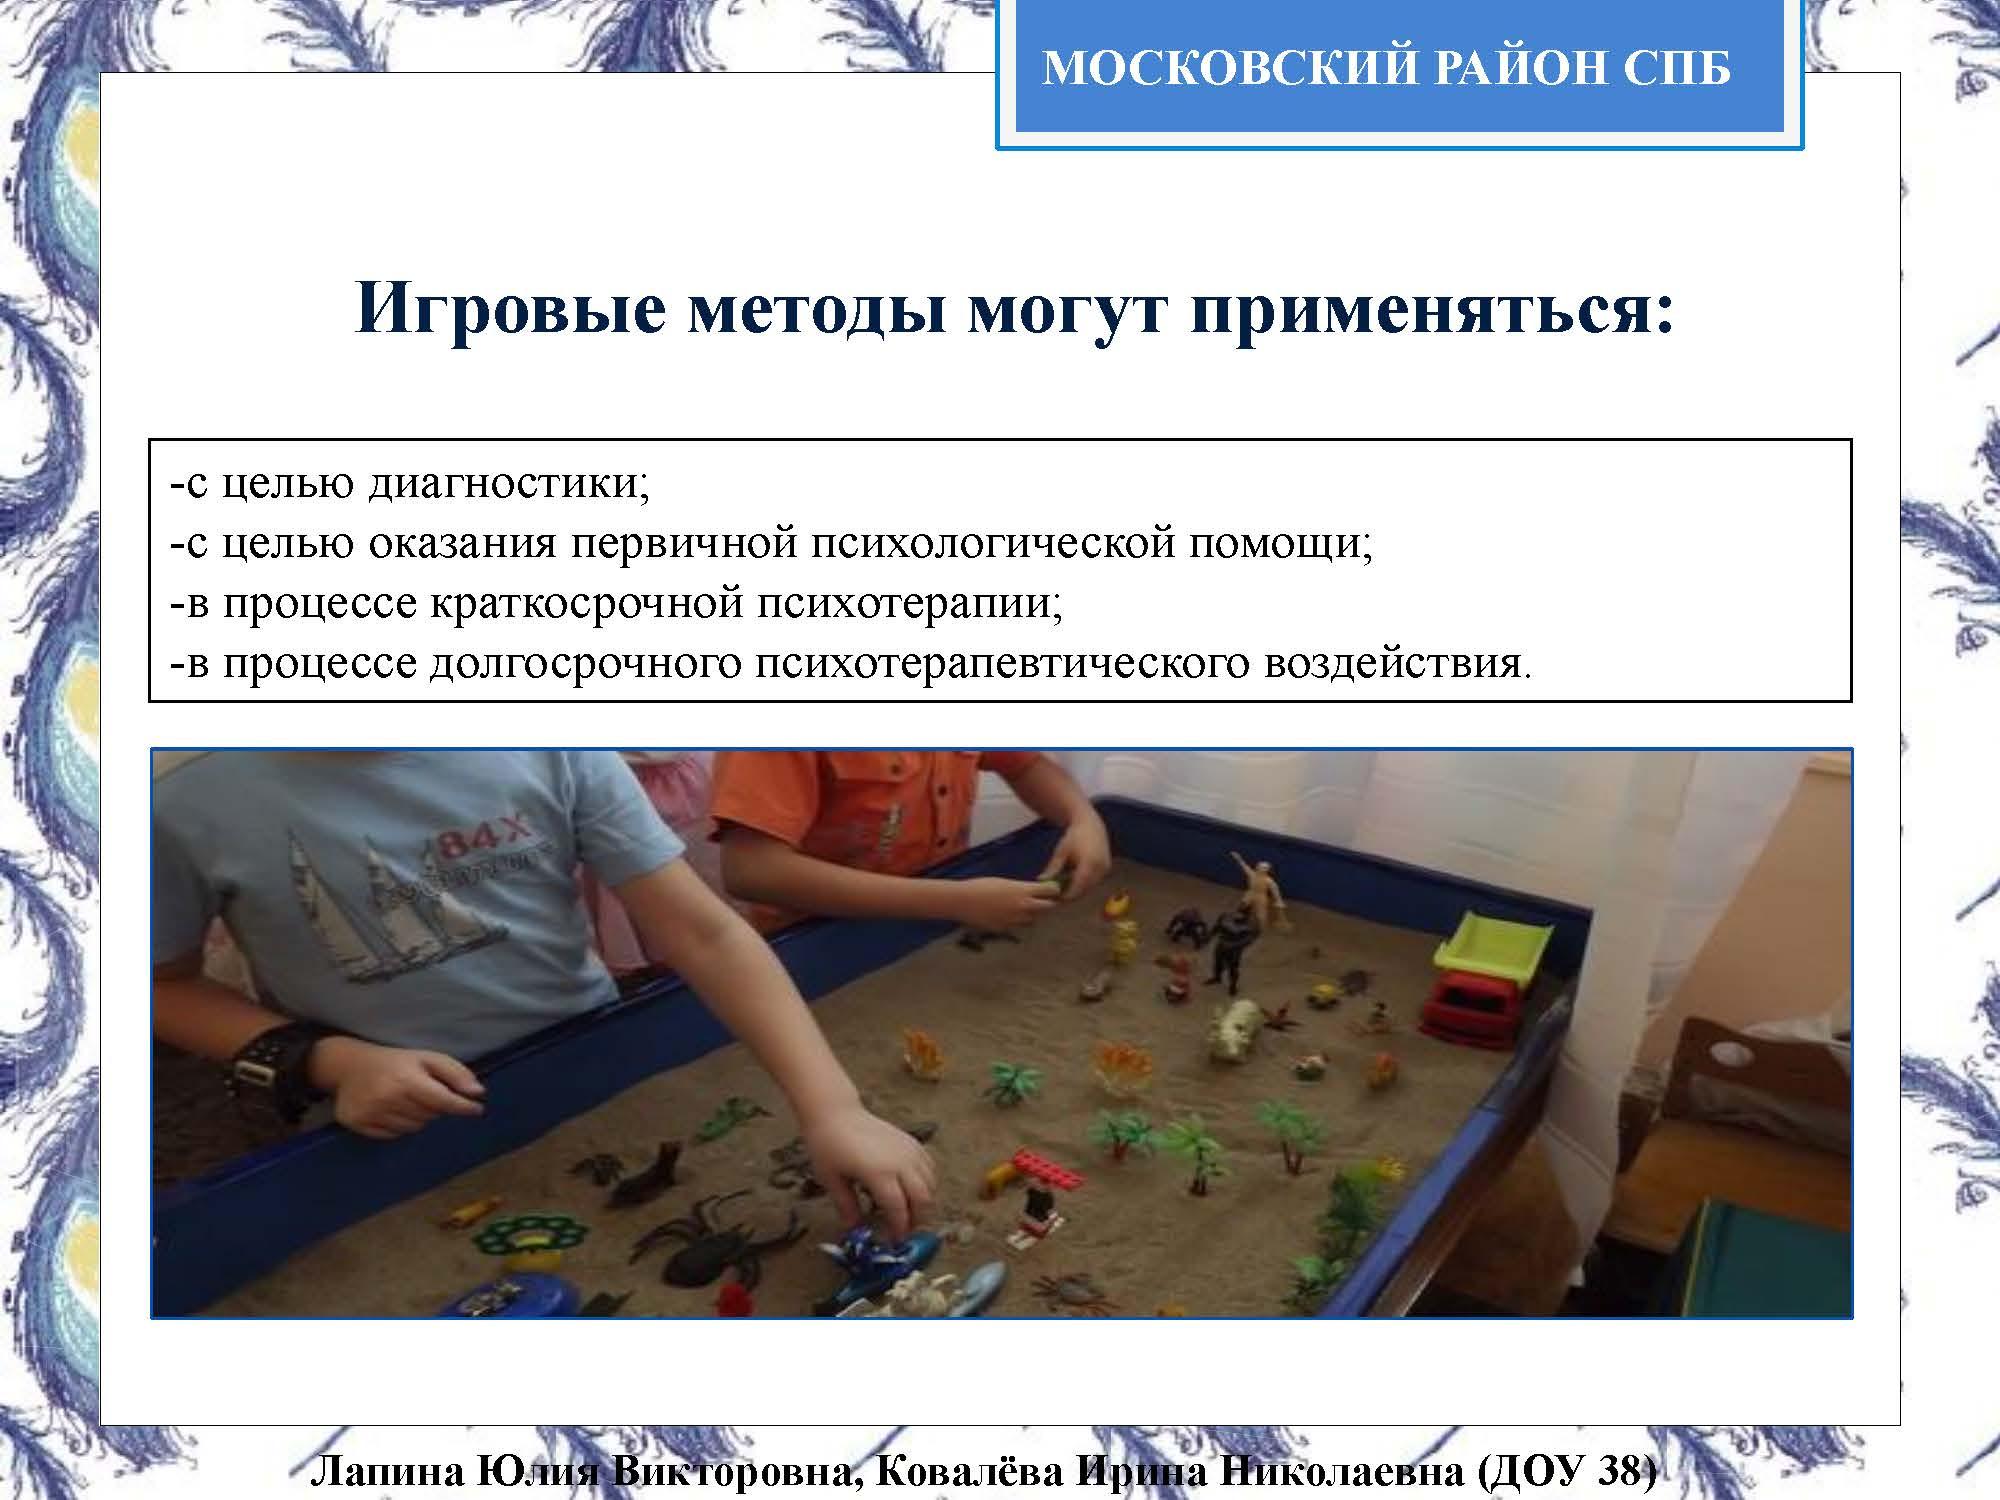 Секция 8. ДОУ 38, Московский район_Страница_22